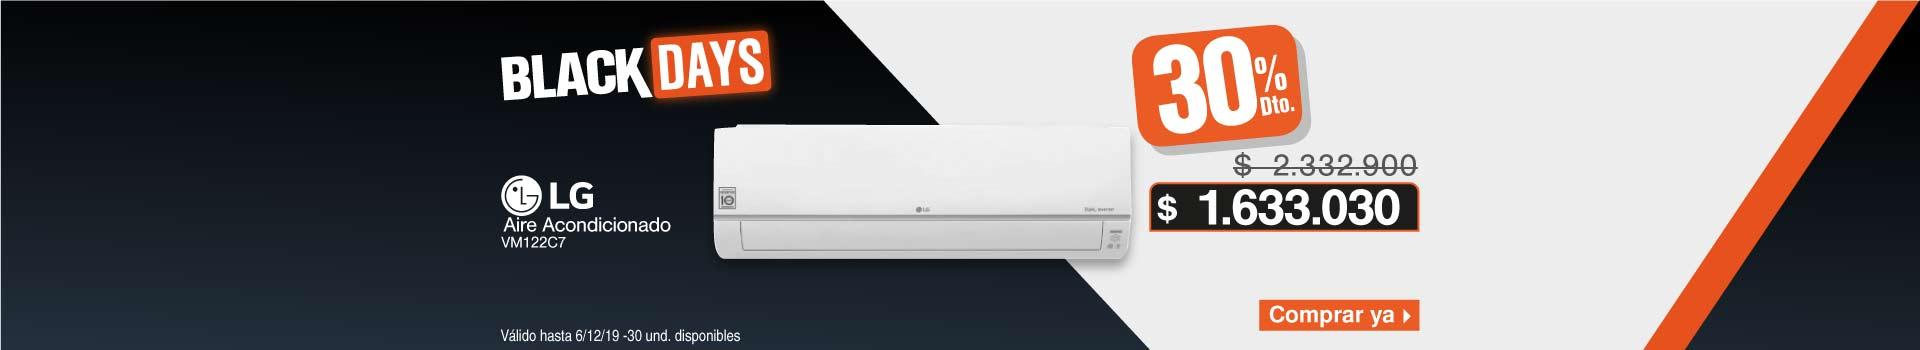 AK LB LG AIRE Aire Acondicionado LG Inverter 12000BTU VM122C7 220V Dual Cool Blanco  BCAT1-AIRES 30 NOV